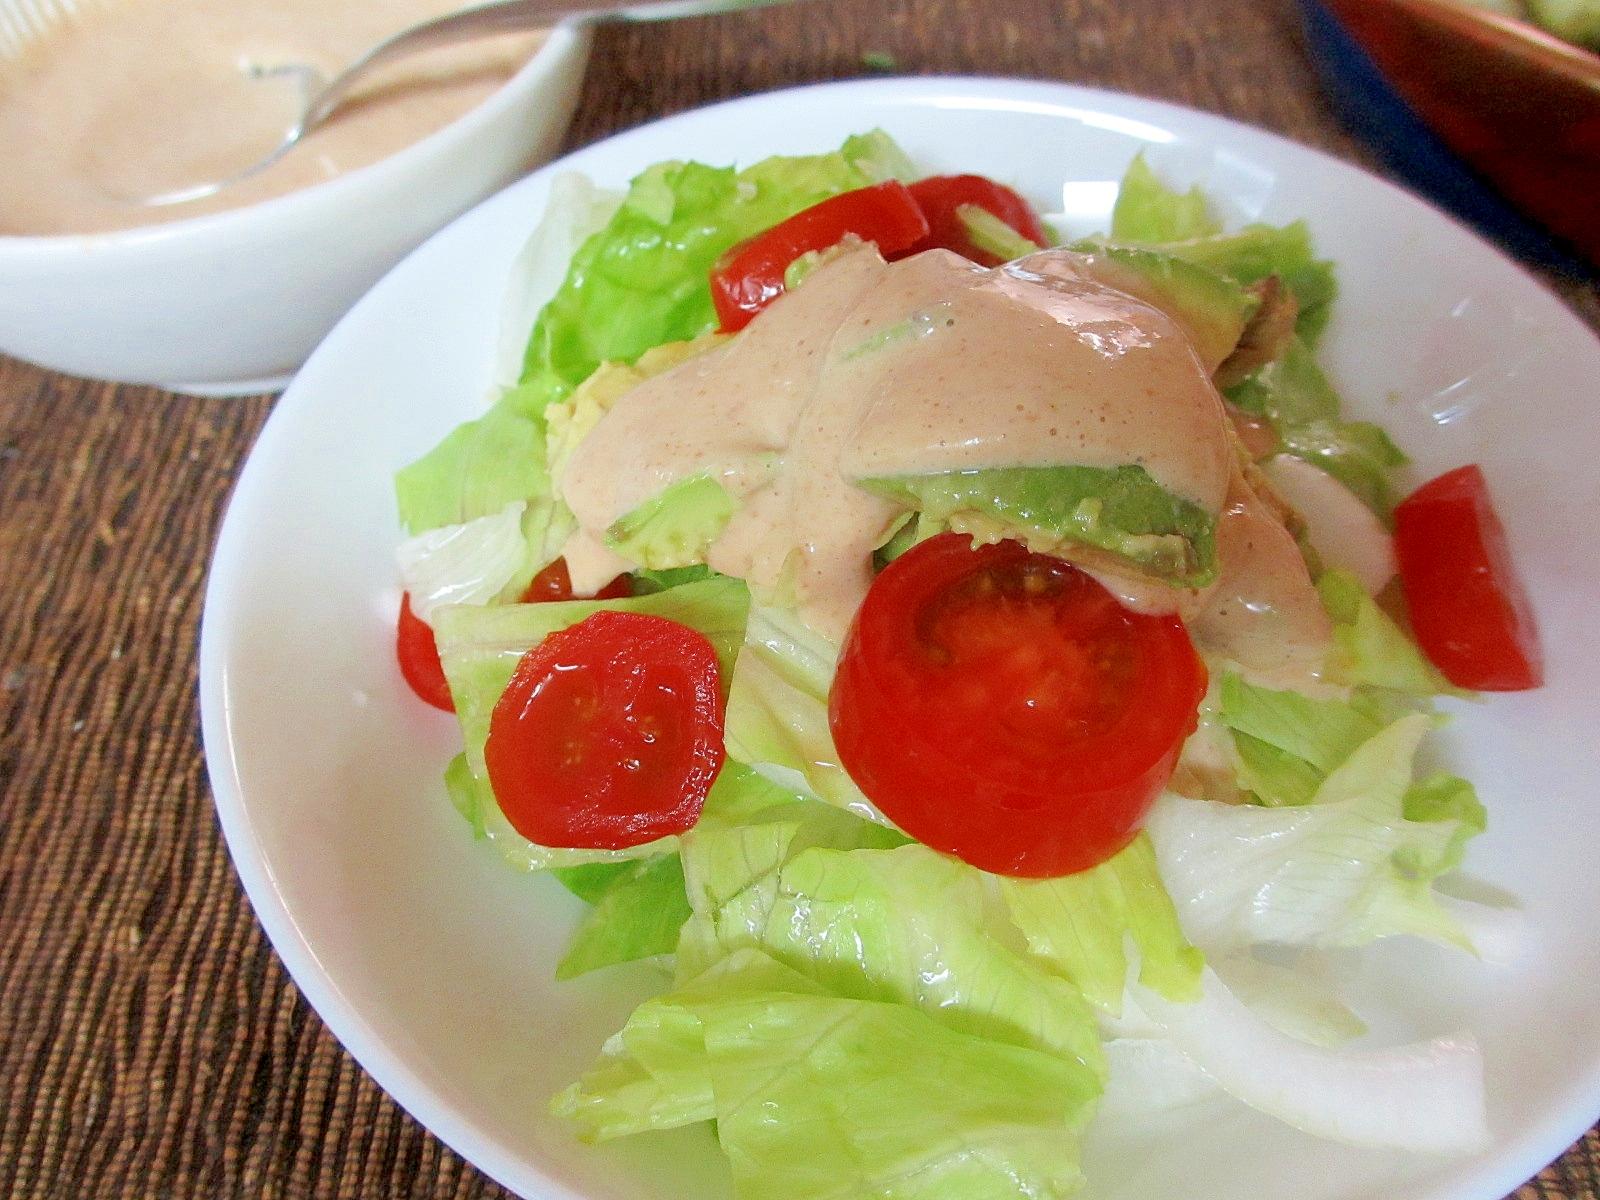 アボカドレタスプチトマトの豆腐ゴママヨドレッシング